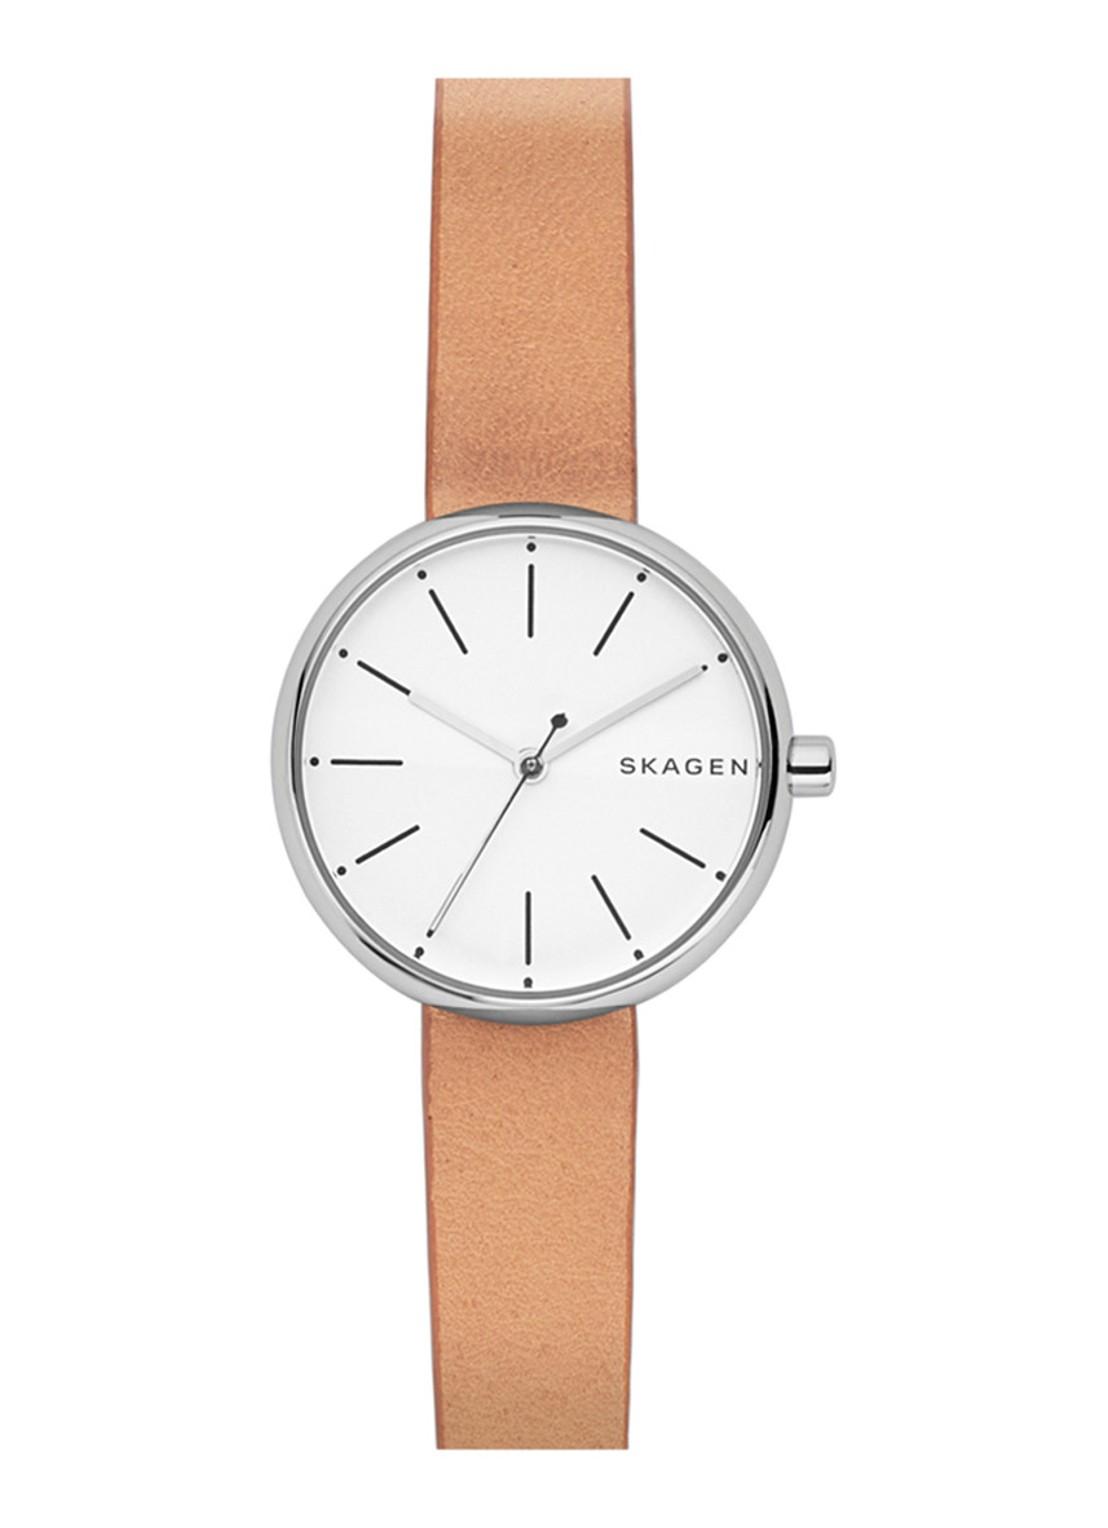 110f6182ddbfd SKW2594 Skagen Signatur watch for sale online